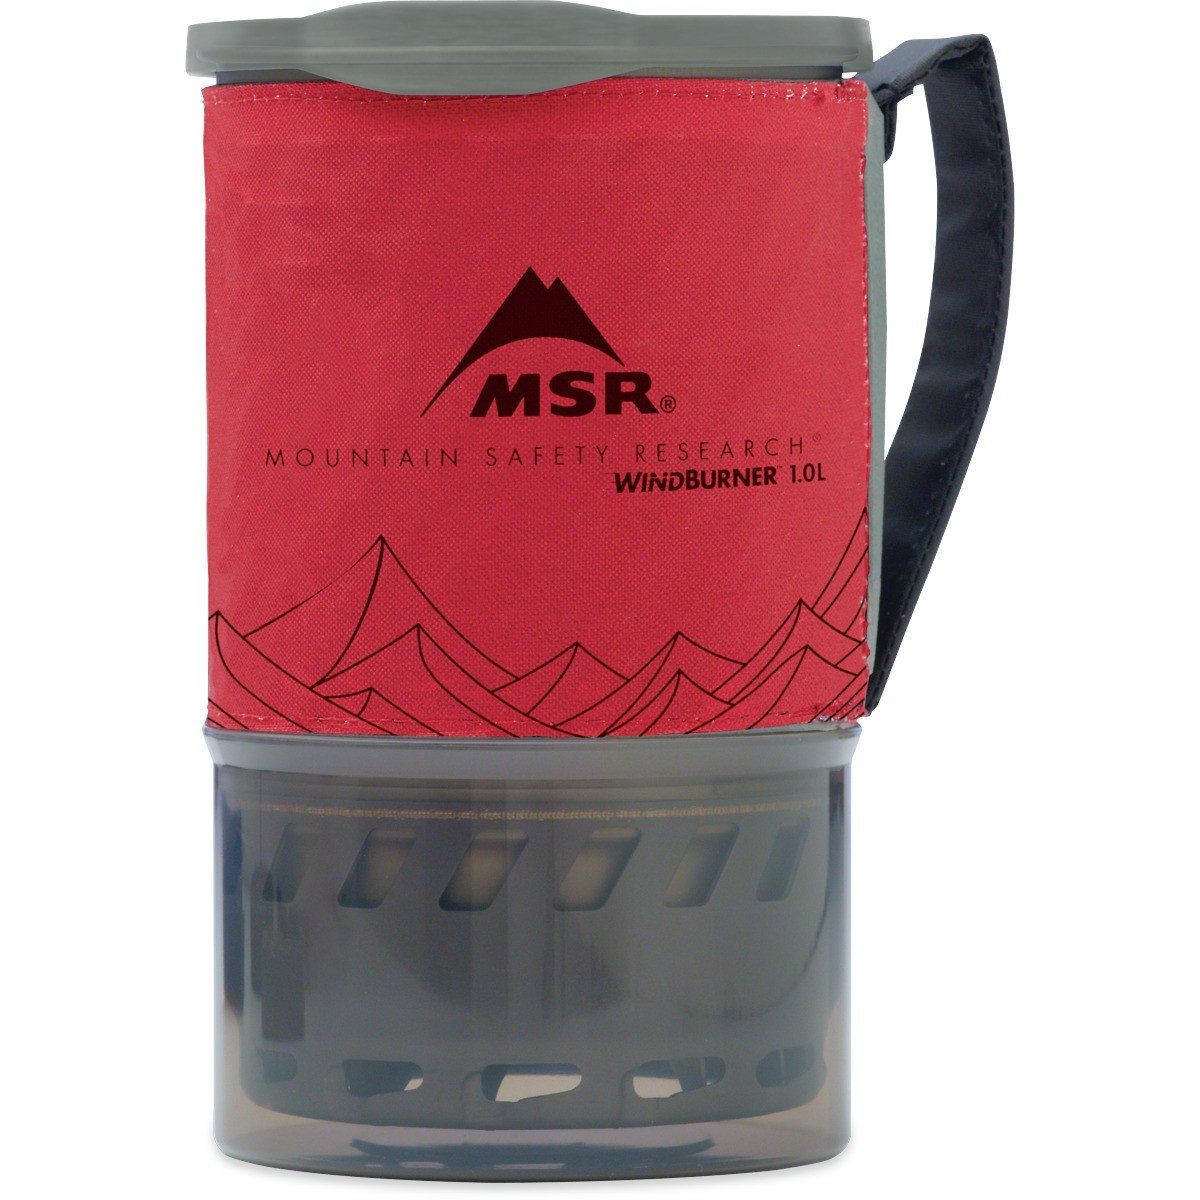 MSR WindBurner 1.0L Personal Stove System